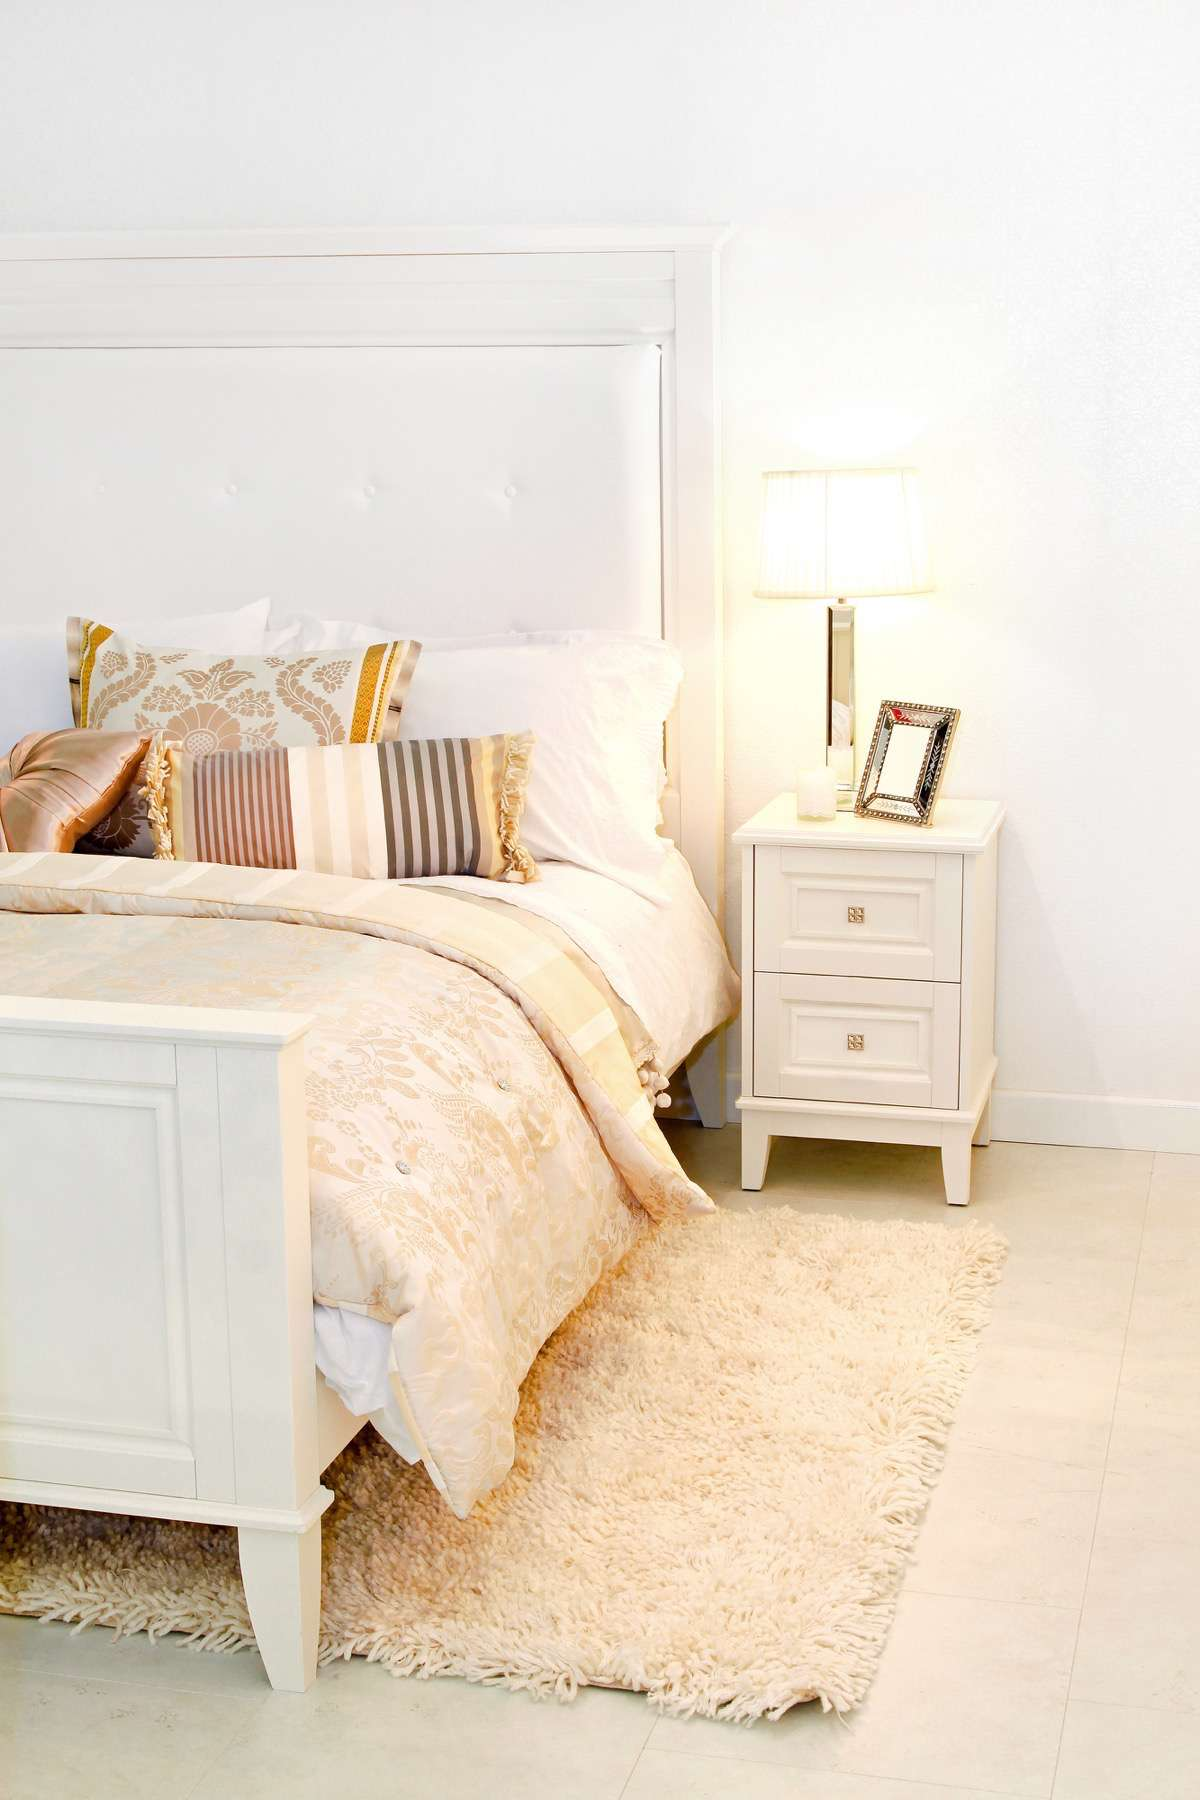 Muebles de madera blanca